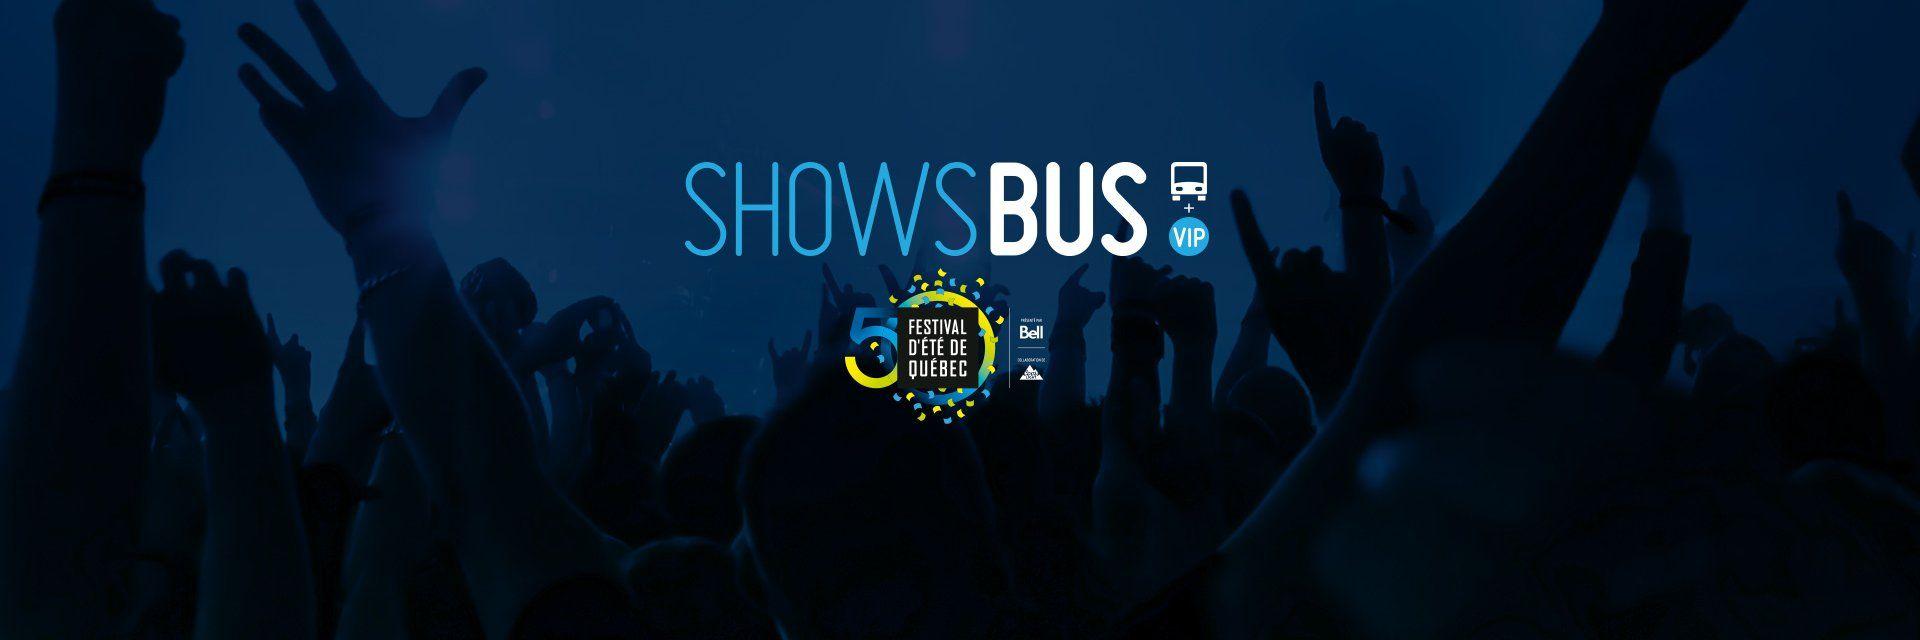 FEQ-Showsbus VIP